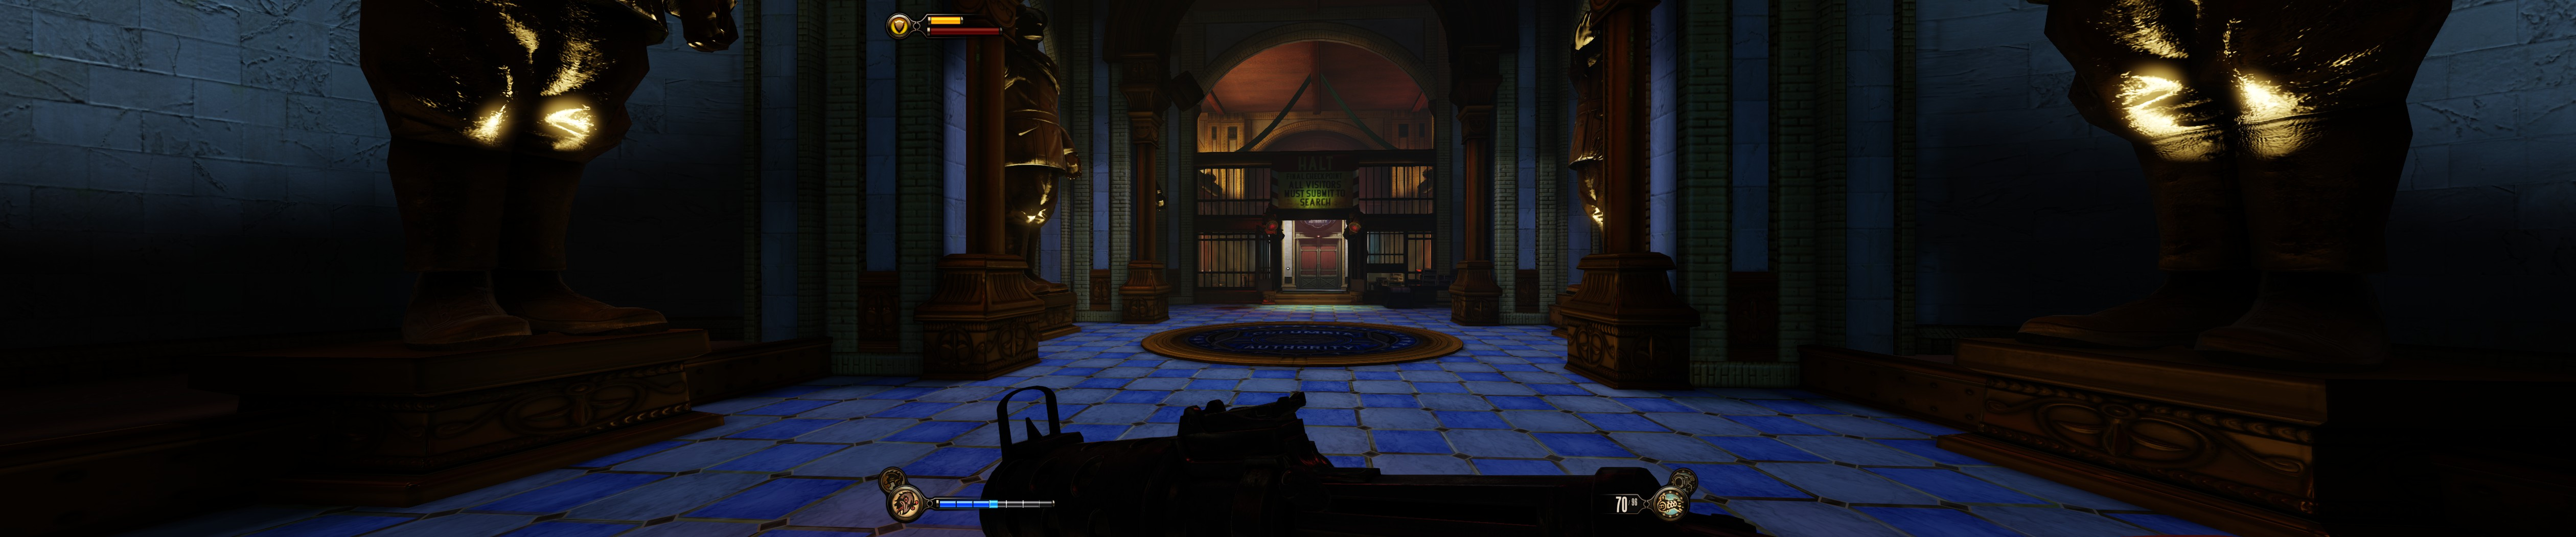 Bioshock_Infinite_2013-05-14_00043